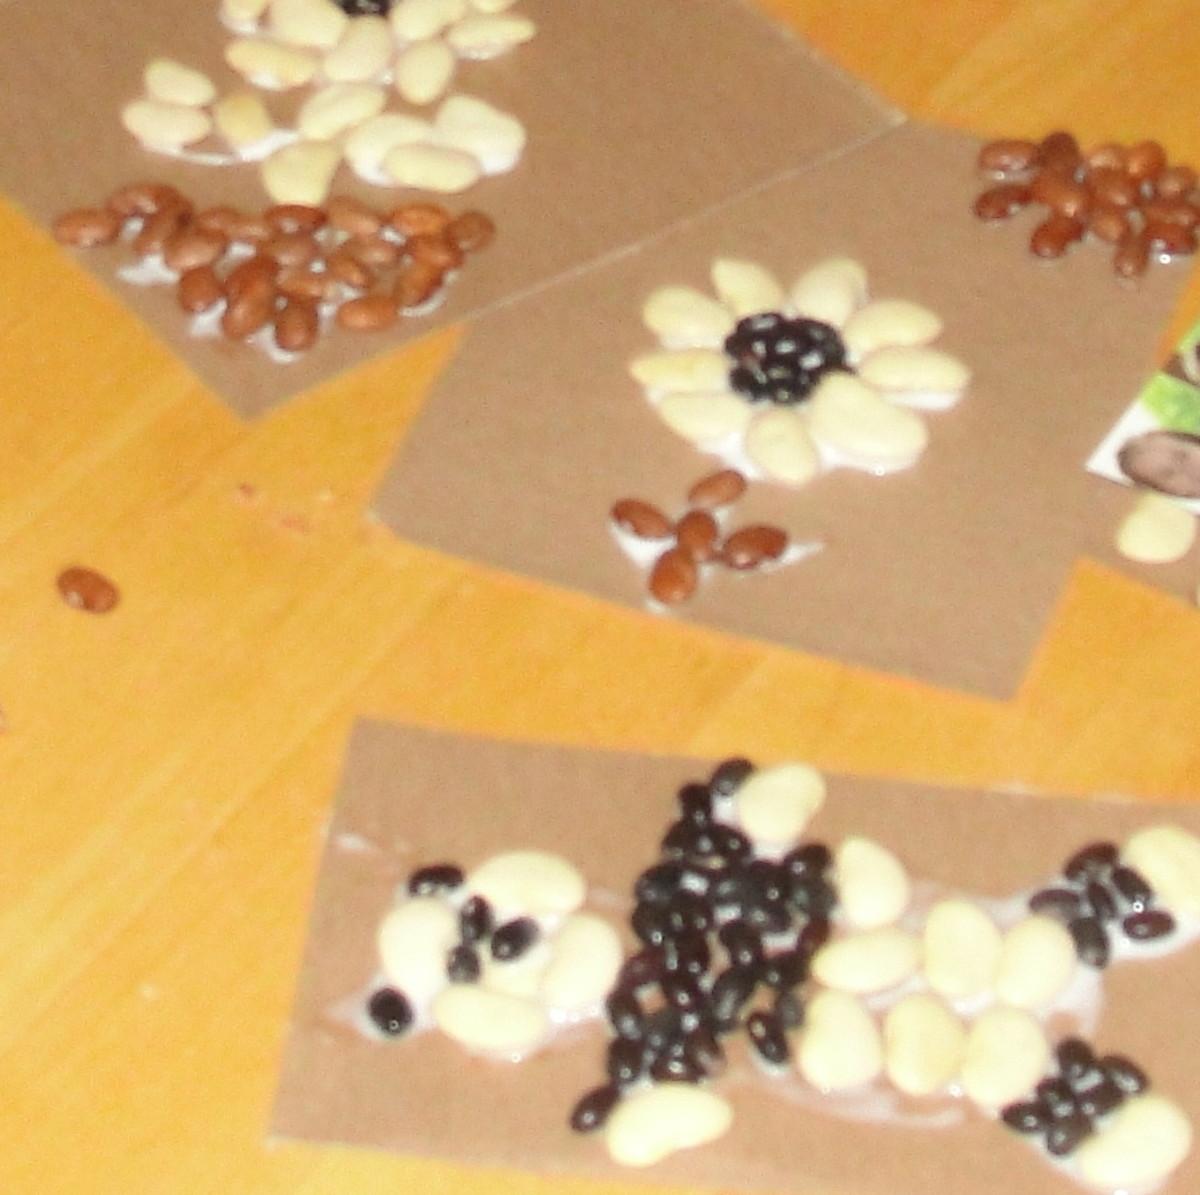 Plant Parts & Seeds Lesson